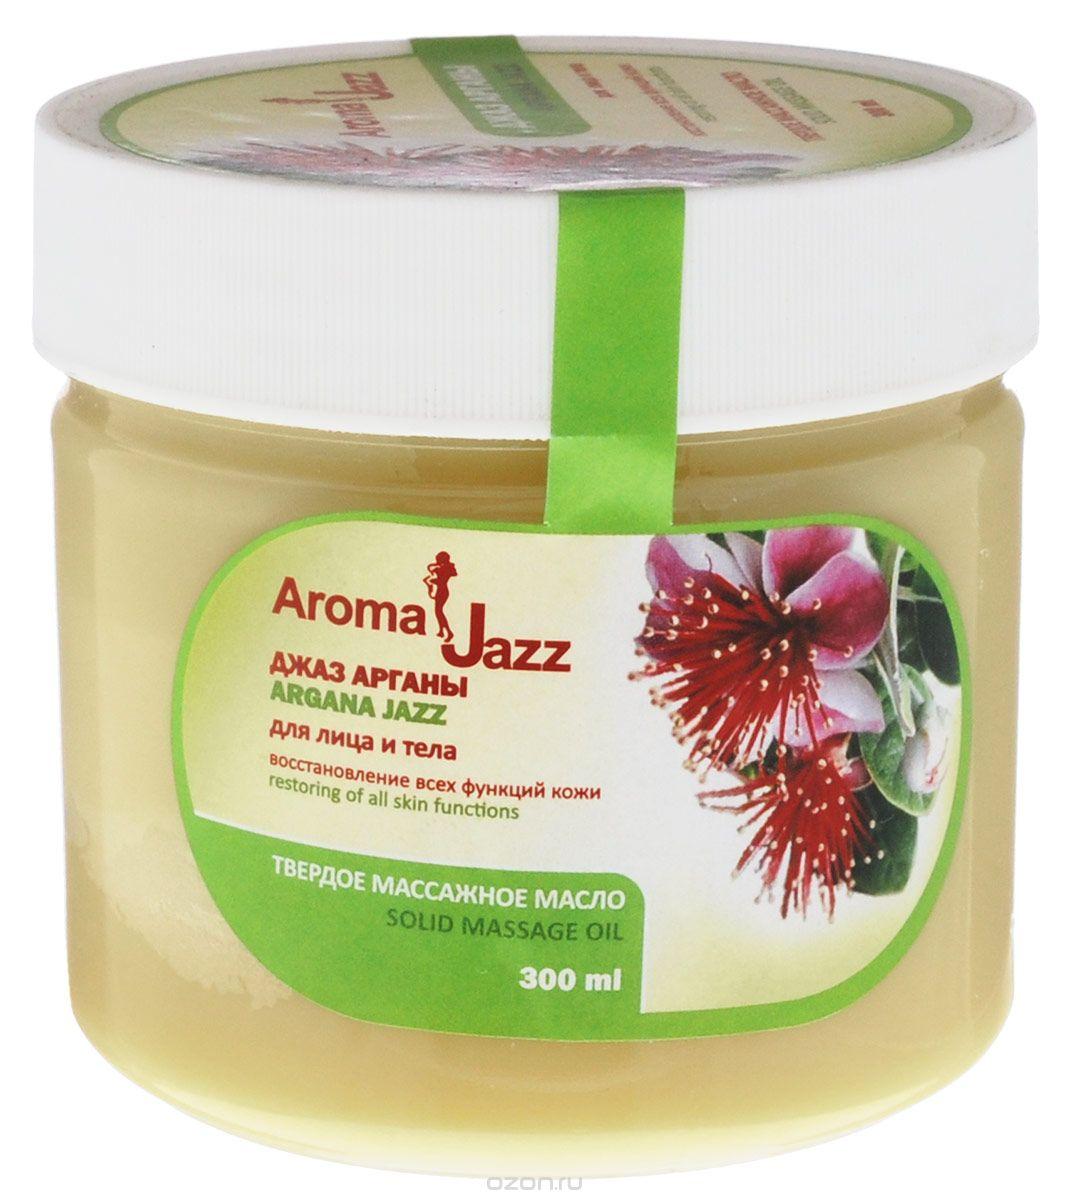 Aroma Jazz Твердое масло питательное Джаз арганы, 300 мл104104Действие: способствует омоложению кожи и устранению морщин, смягчает и увлажняет, снимает ощущение стянутости и предотвращает пересыхание, снимает раздражение. Масло применяют для ухода за нежной чувствительной кожей. Являясь хорошим ранозаживляющим средством, Противопоказания: индивидуальная непереносимость компонентов продукта. Срок хранения: 24 месяца. После вскрытия упаковки использовать в течение 6 месяцев.